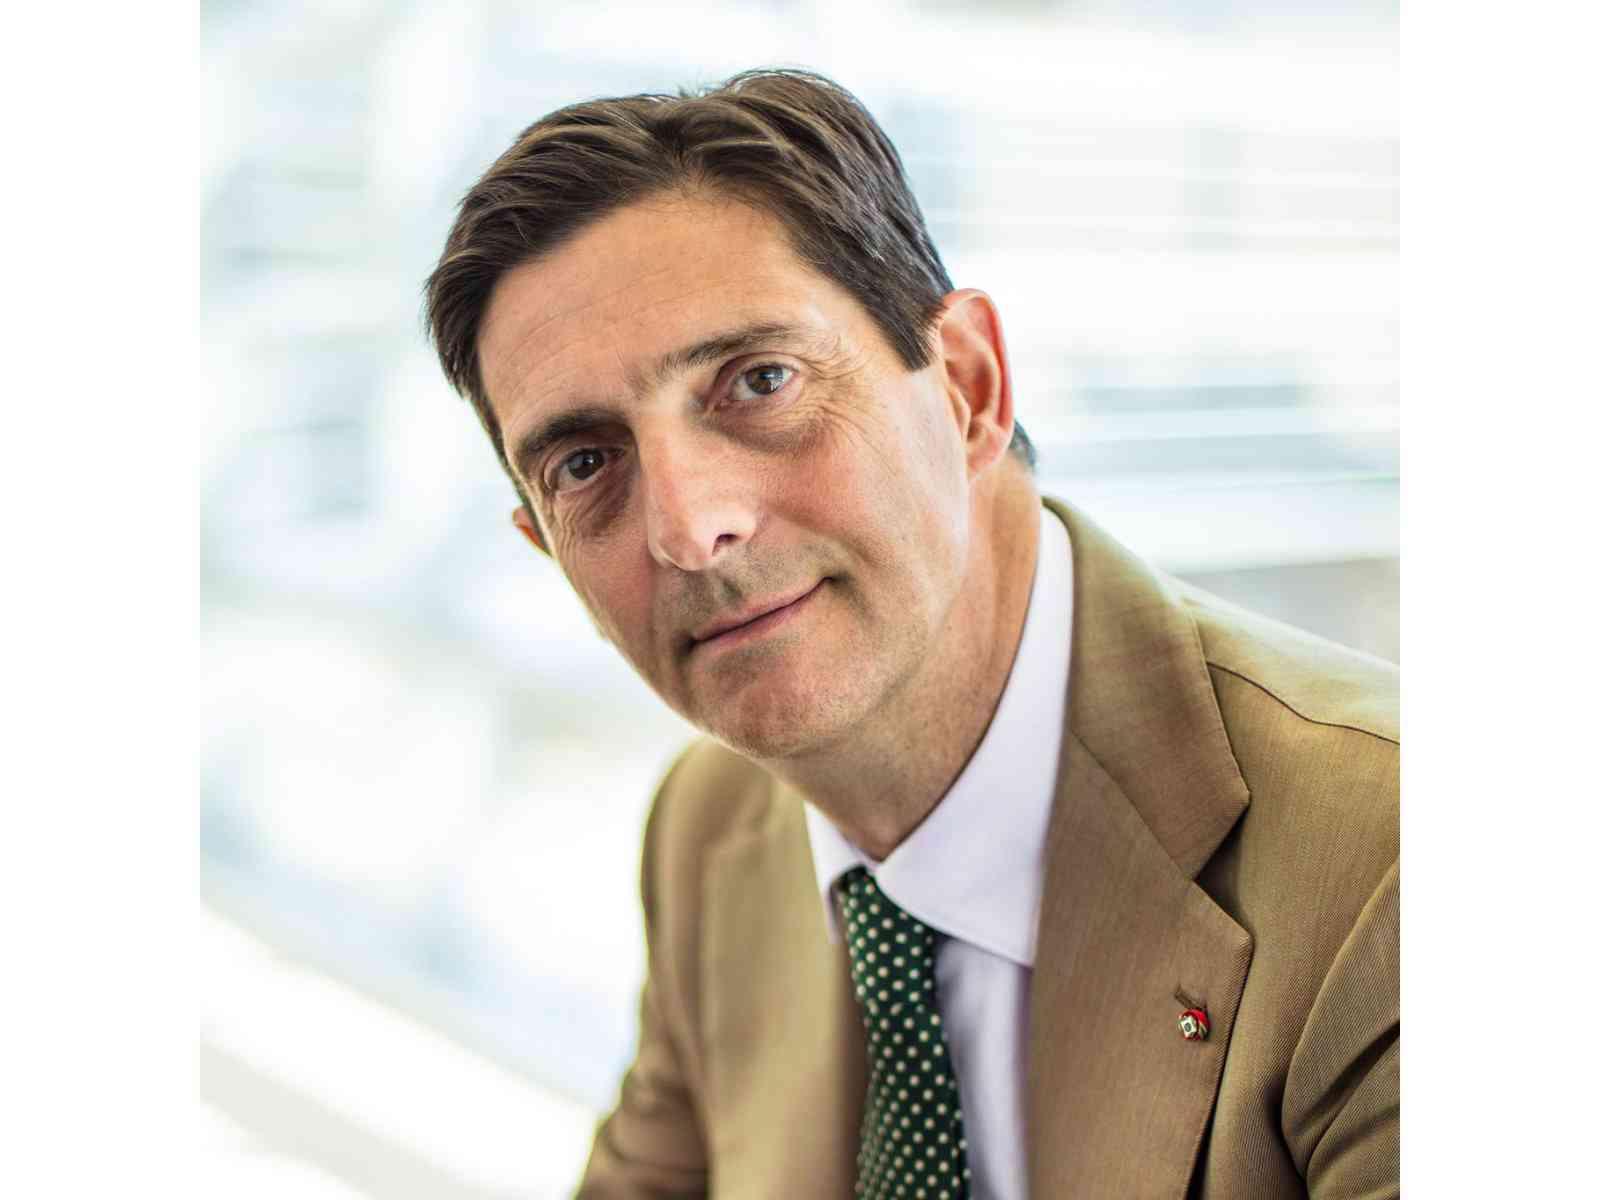 Immagine articolo: Il chirurgo menfitano Giuliano Testa, fra le 100 persone più influenti al mondo secondo il TIME